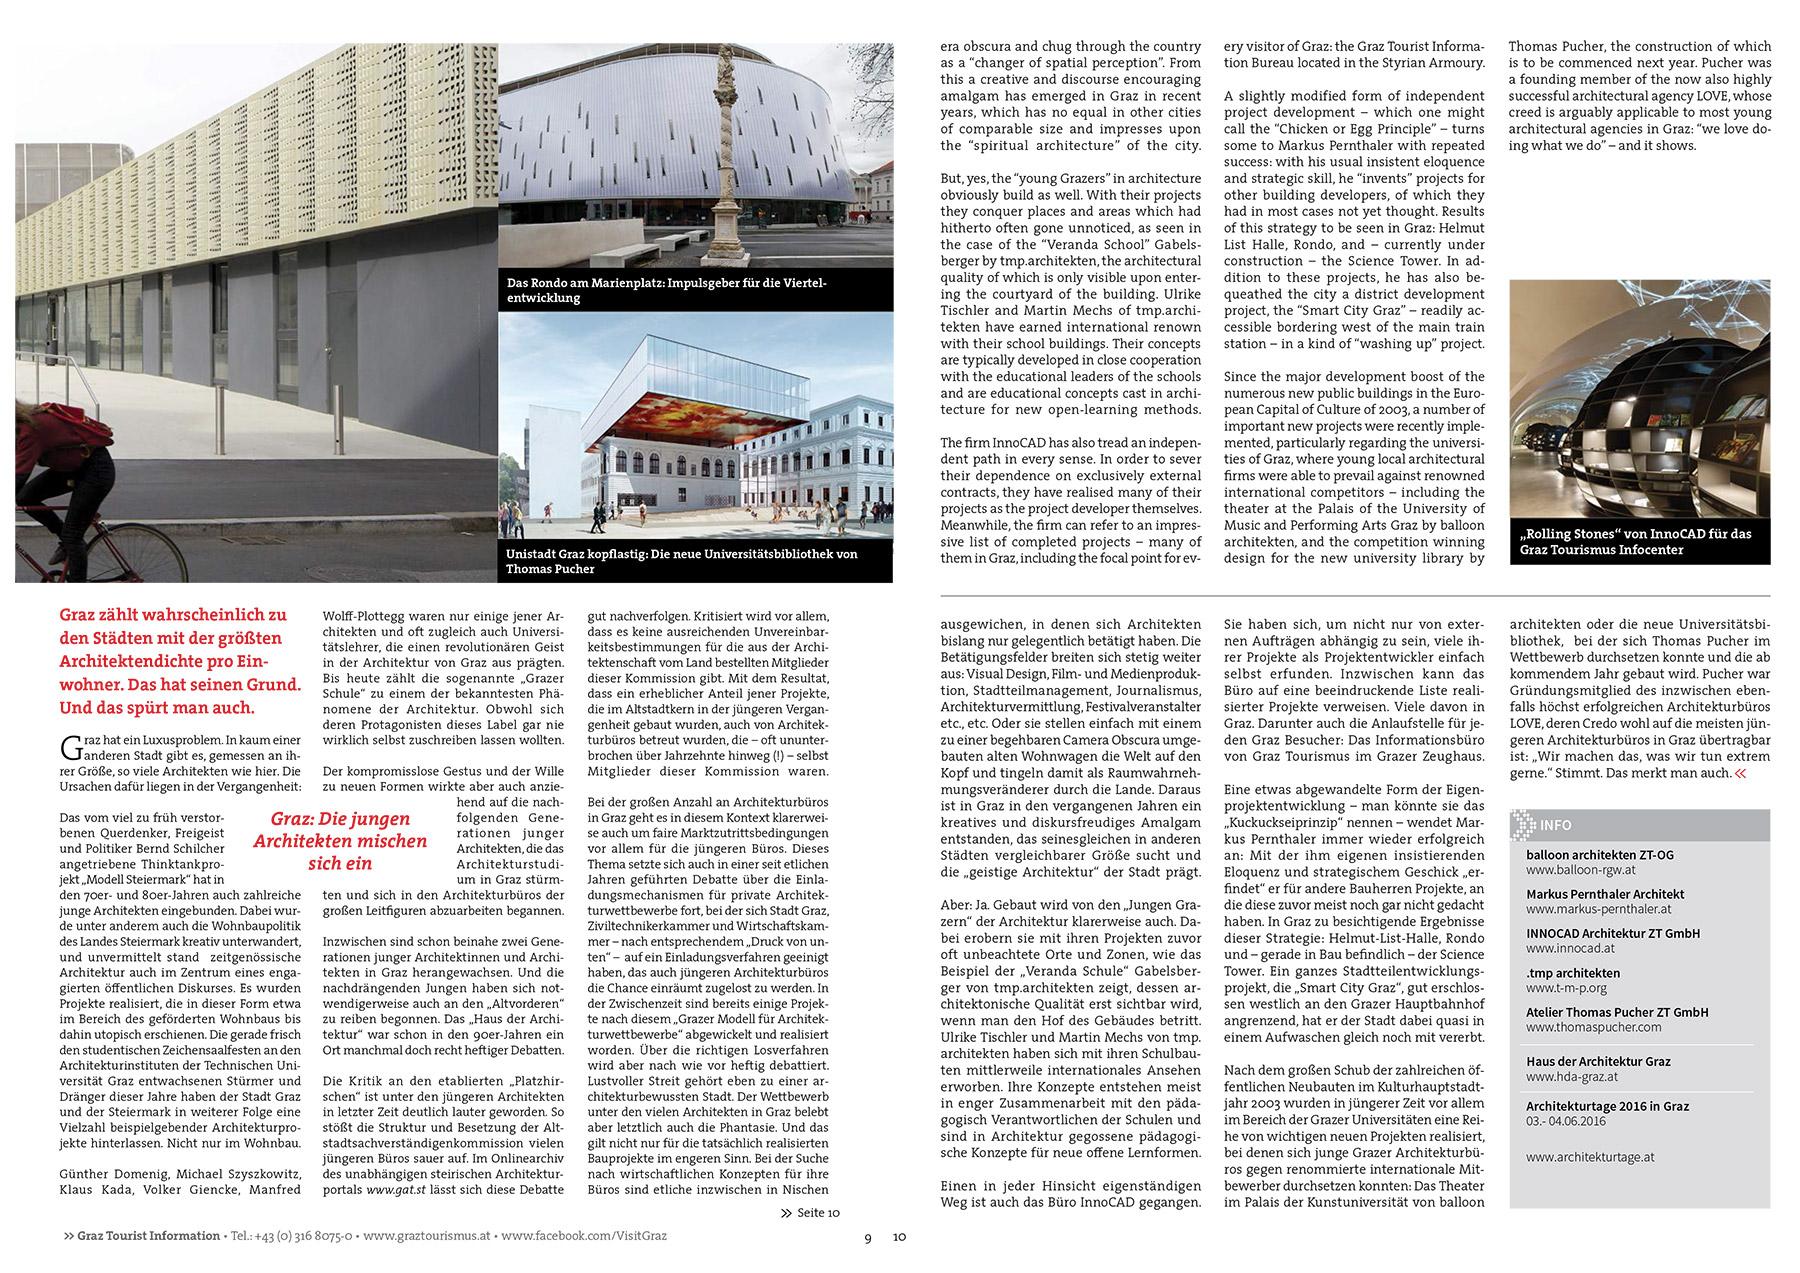 2016_news_Austria Superheroes_magazine_slide_02